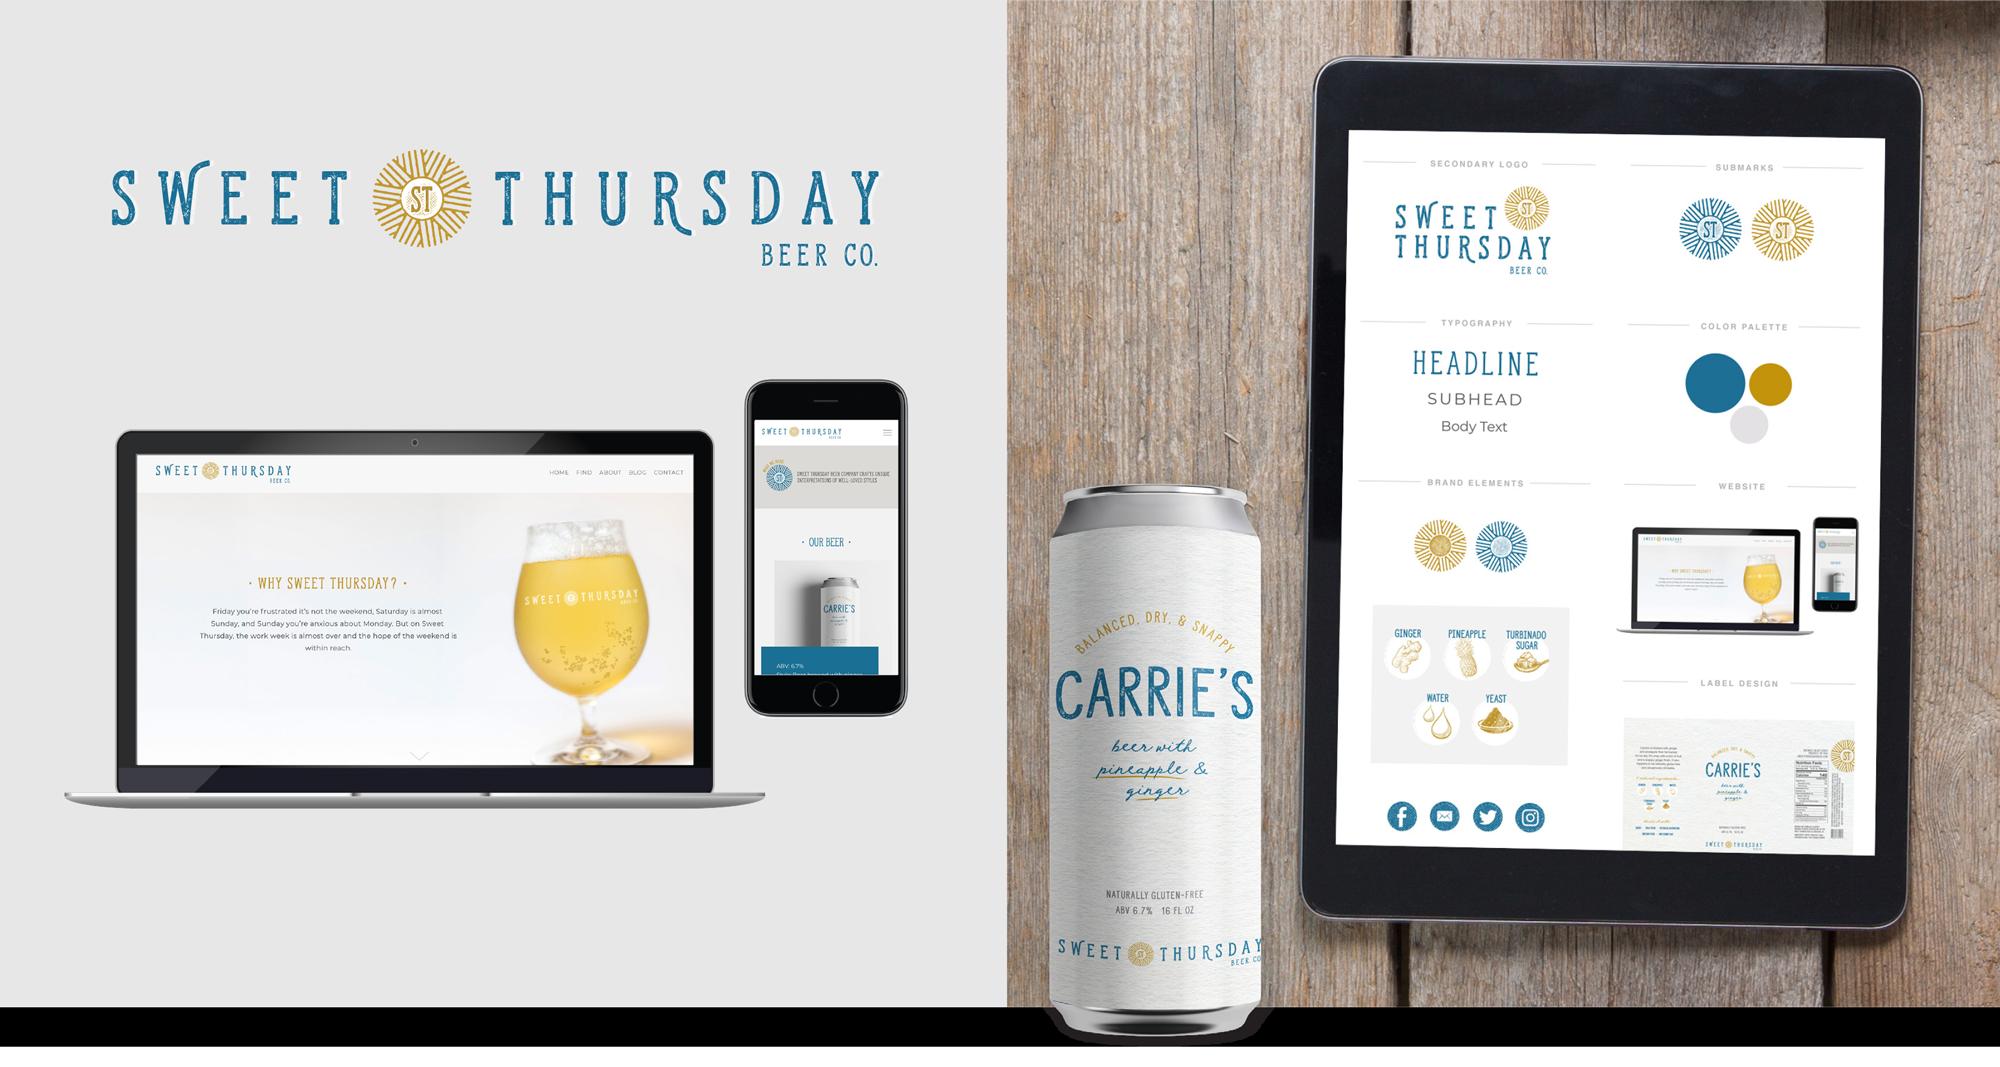 sweet thursday beer co branding and website design